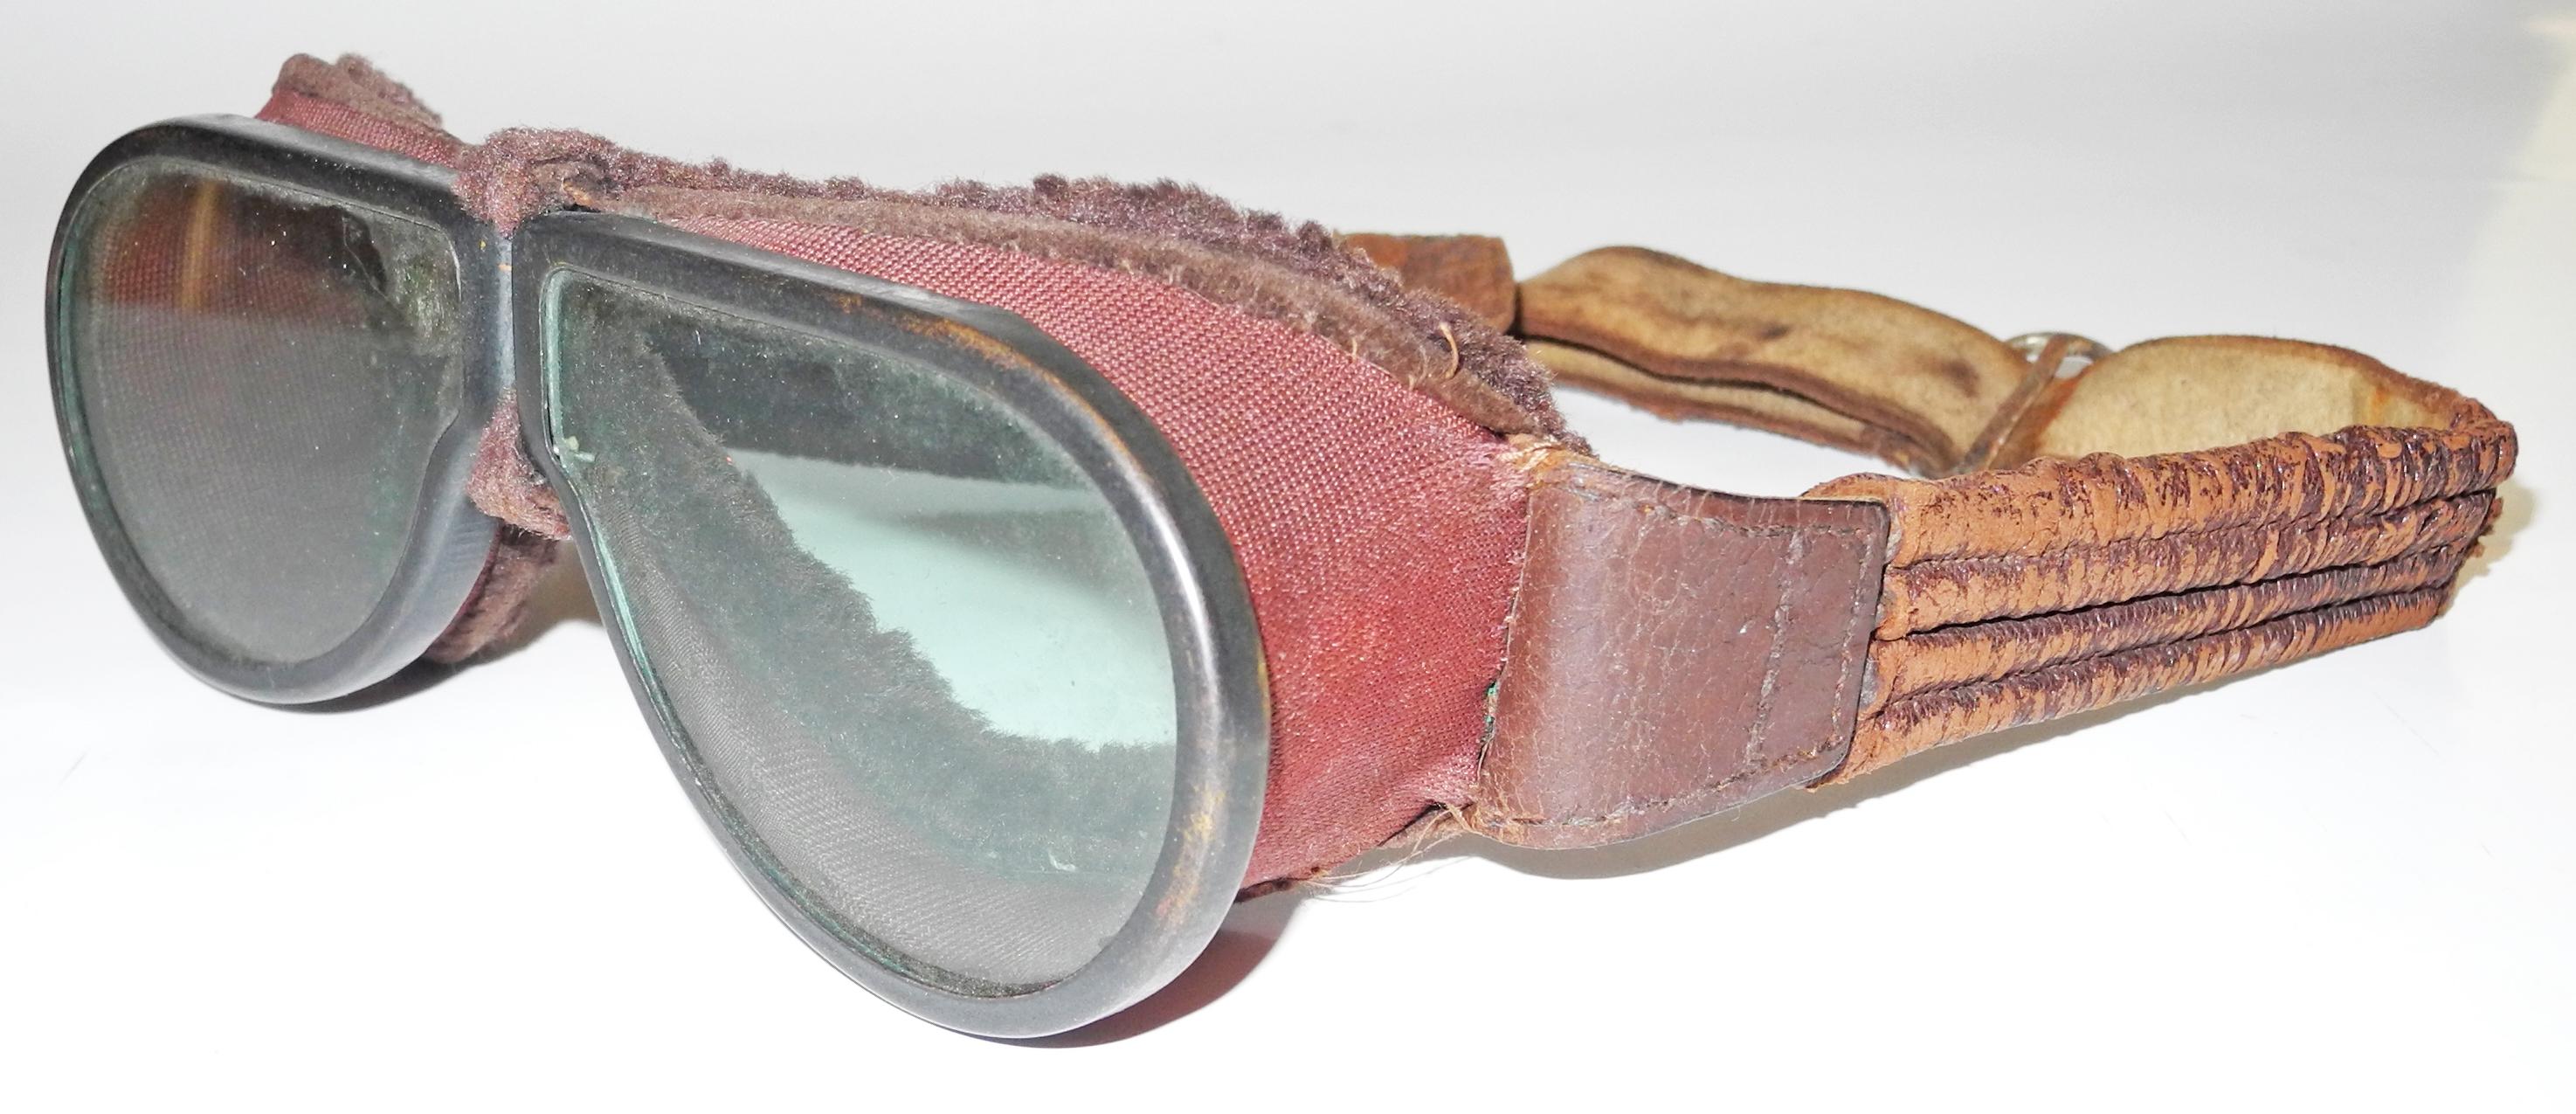 RAF Mk II (Goggles, Lightweight, Flying)